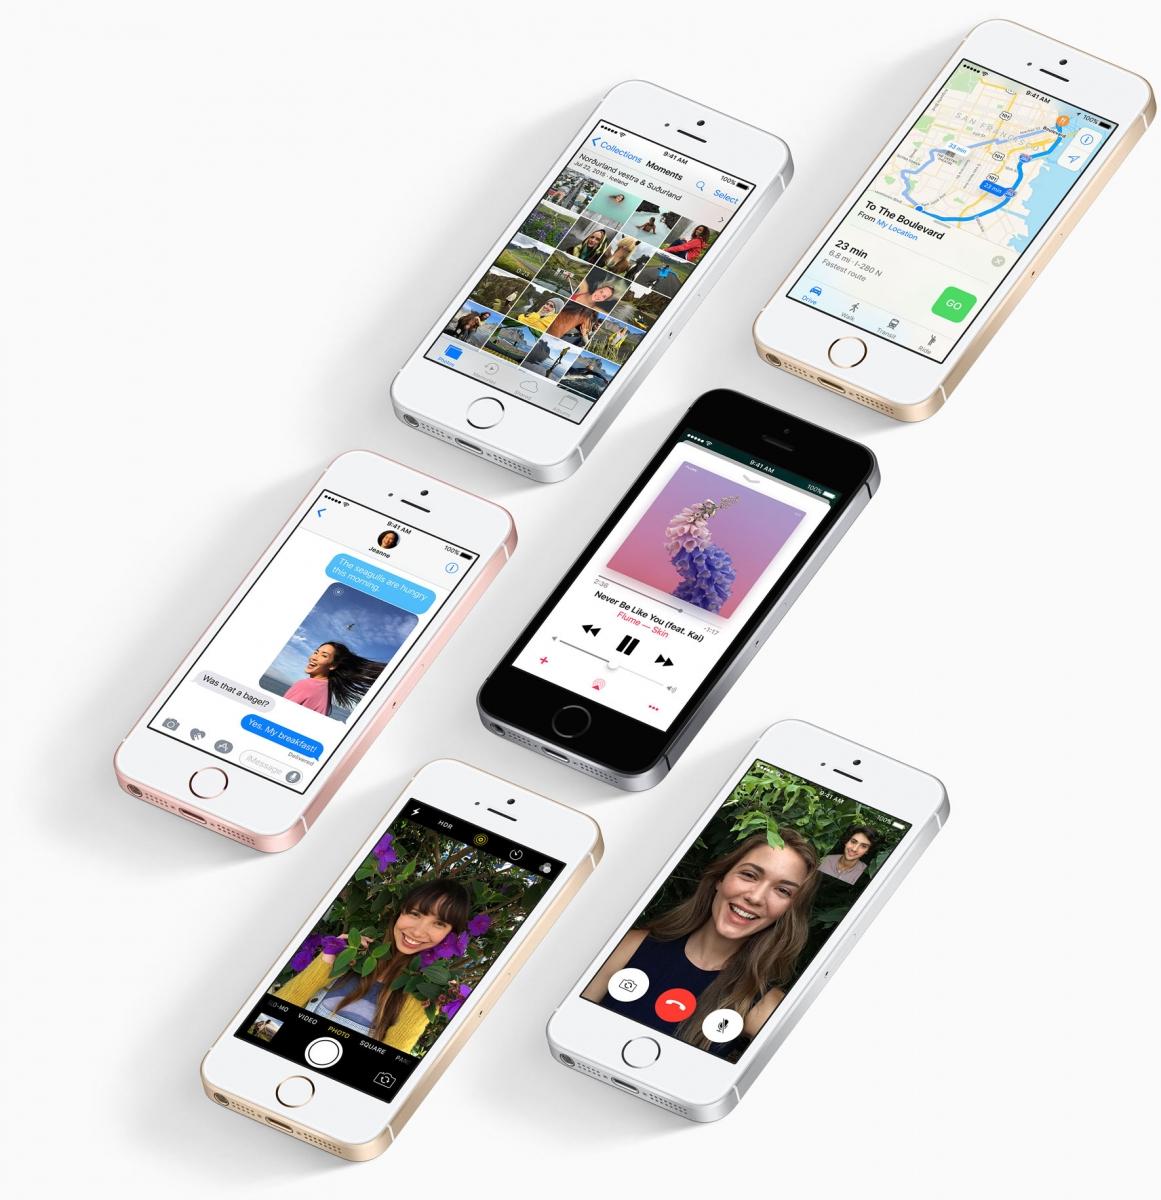 Mobilní telefon Apple iPhone SE s vylazeným systémem iOS 10